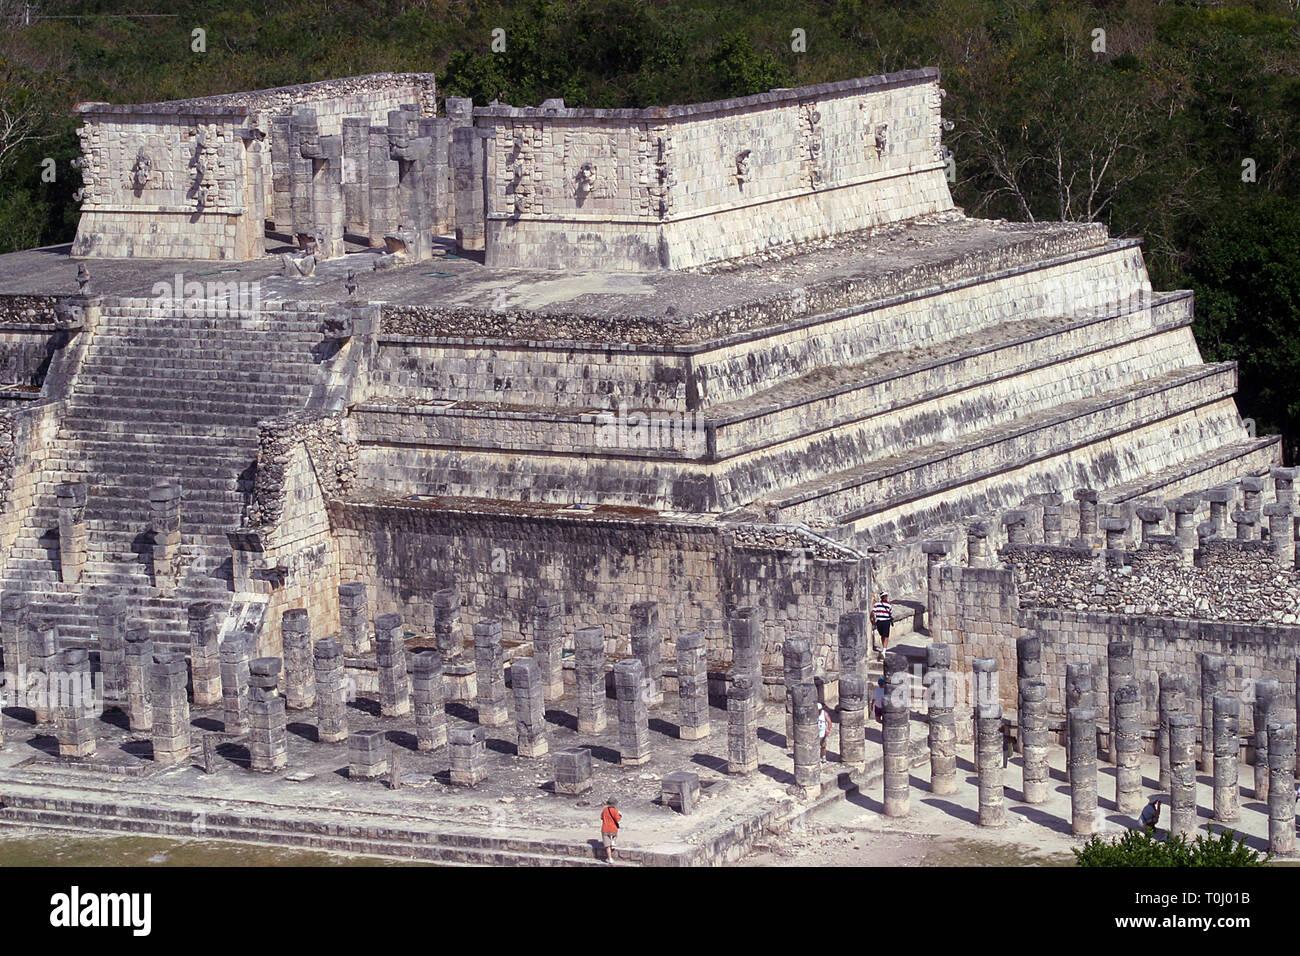 Zona arqueologica de Chichen Itza Zona arqueológica    Chichén ItzáChichén Itzá maya: (Chichén) Boca del pozo;   de los (Itzá) brujos de agua.   Es uno de los principales sitios arqueológicos de la   península de Yucatán, en México, ubicado en el municipio de Tinum.  *Photo:©Francisco* Morales/DAMMPHOTO.COM/NORTEPHOTO  * No * sale * a * third * - Stock Image